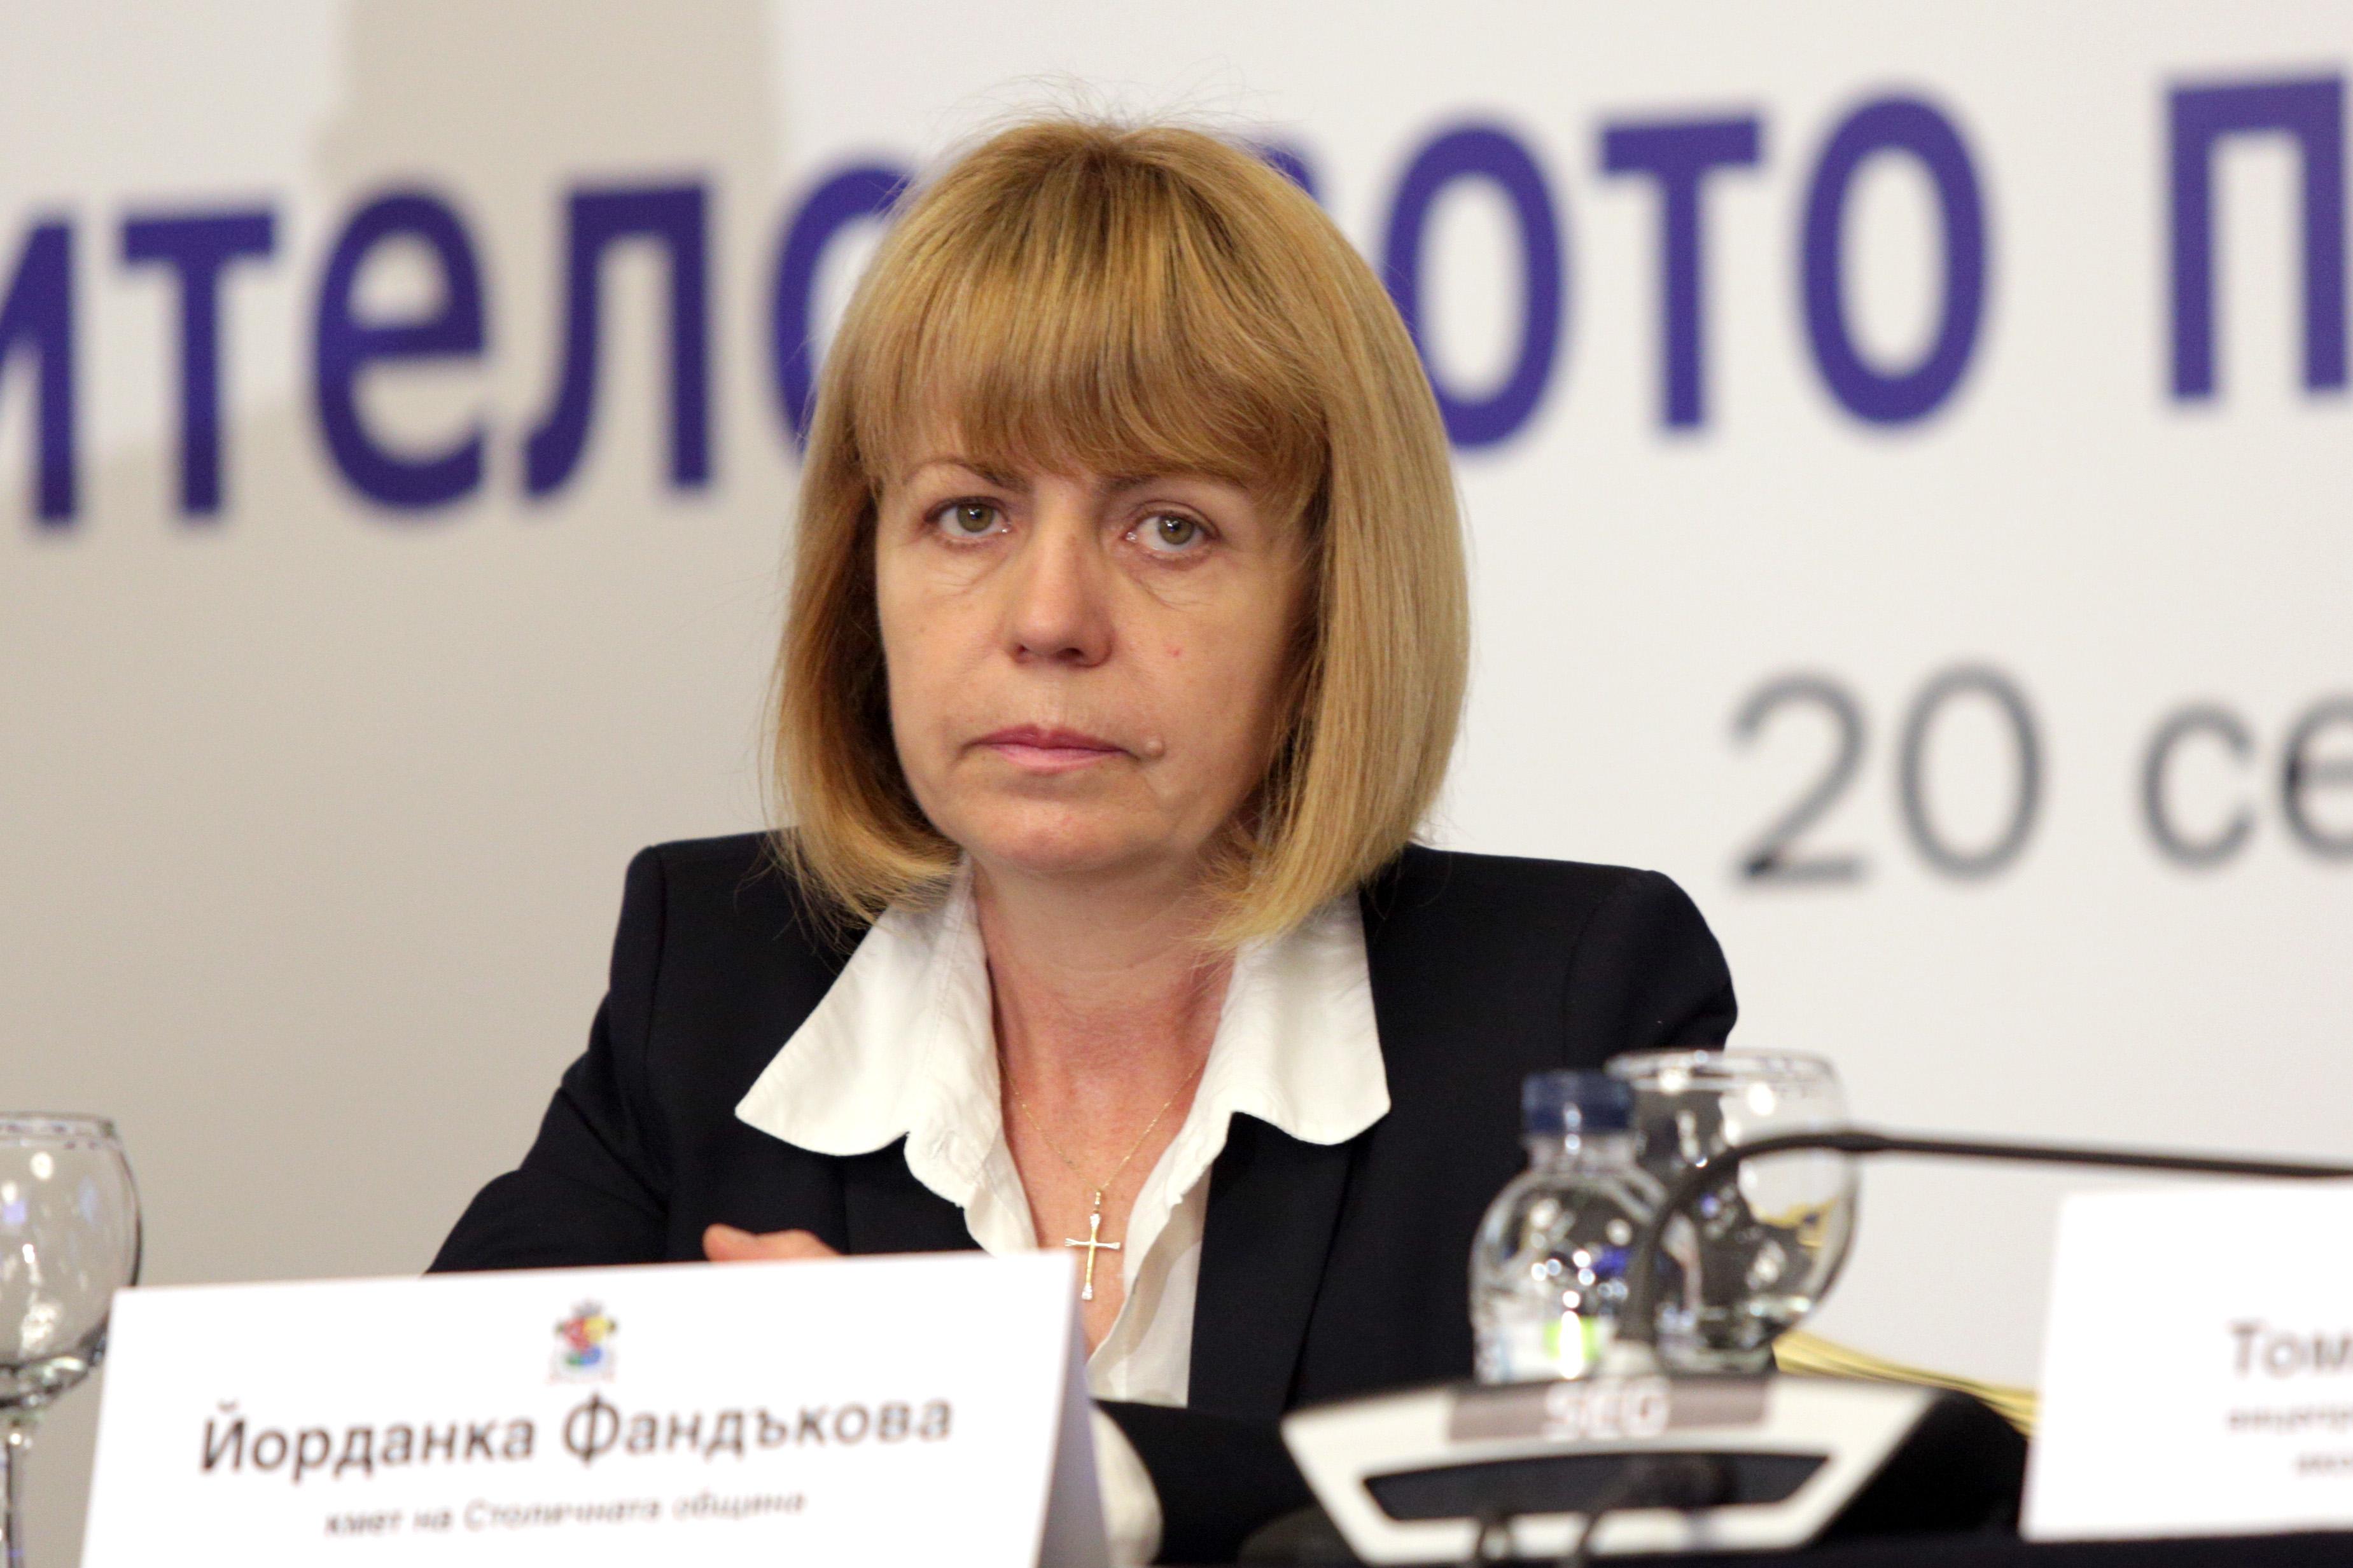 Фандъкова: Искат хотели в Борисовата градина, но няма да позволя